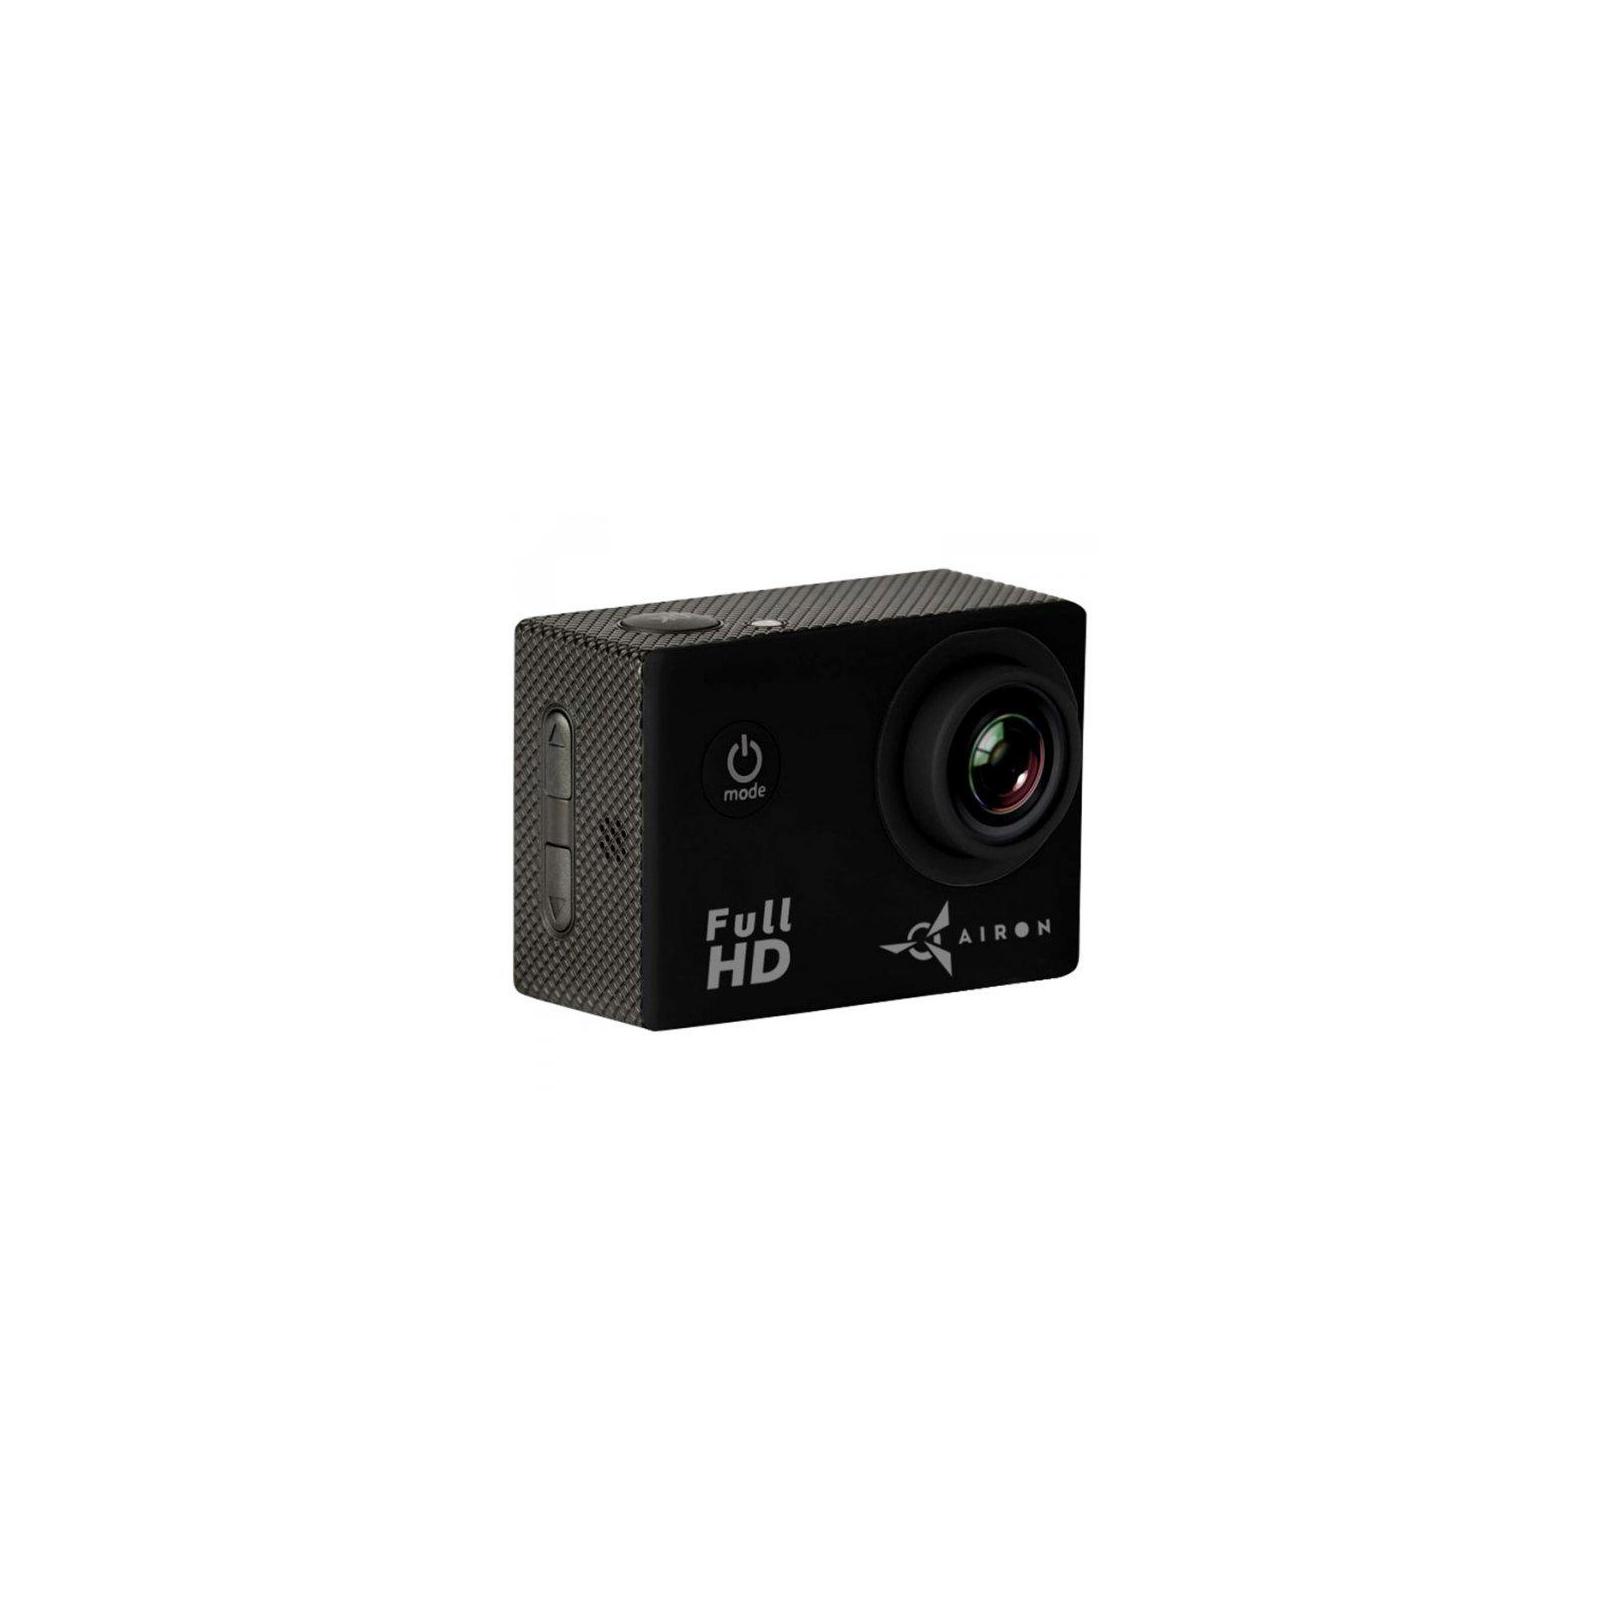 Экшн-камера AirOn Simple Full HD black (4822356754471) изображение 4